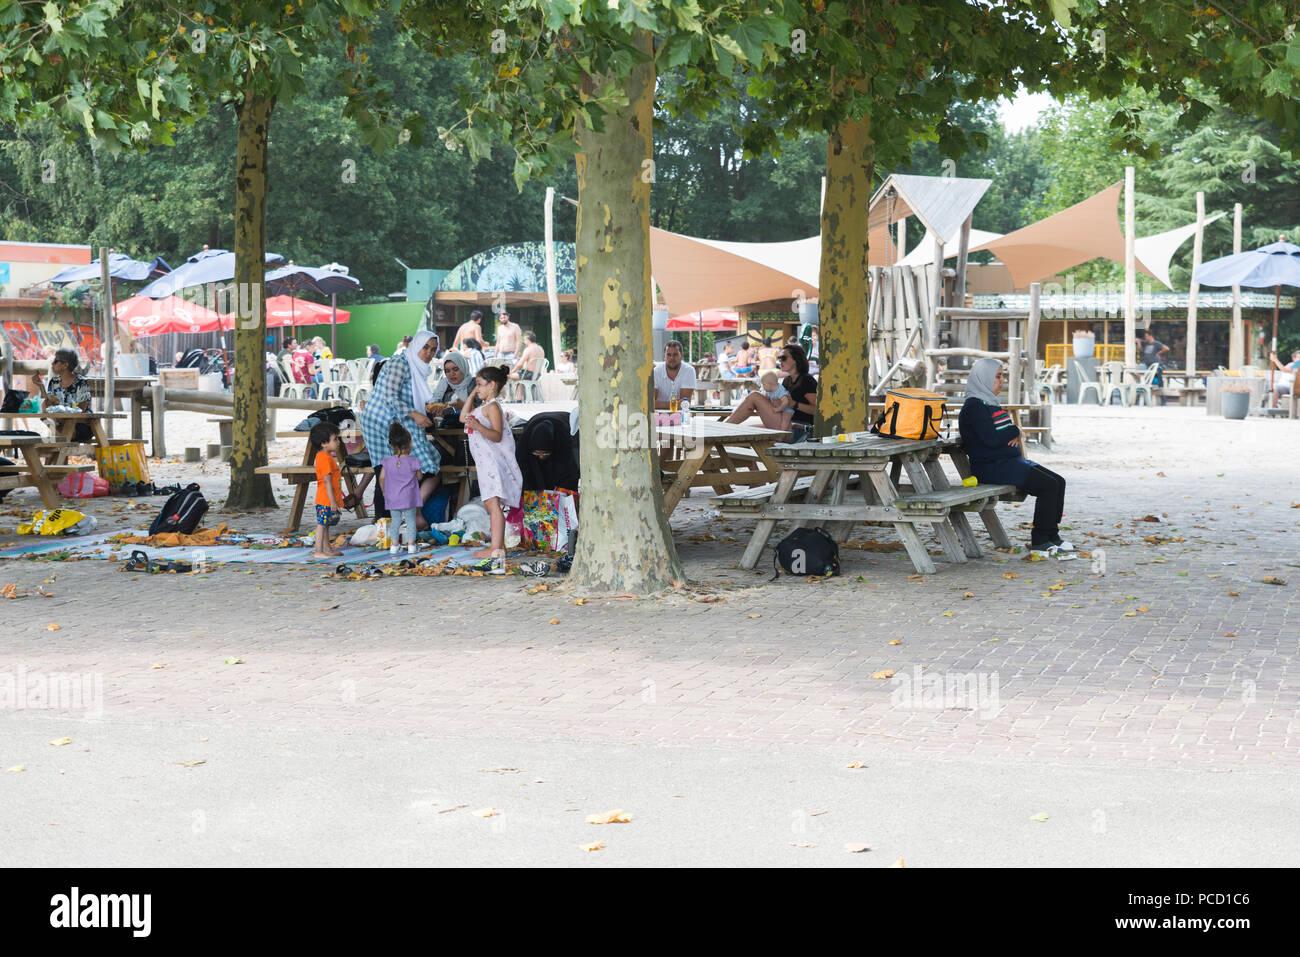 Sarriá,Hollande,28-07-2018:des gens de différentes cultures apprécier une collation ou un verre sur la terrasse du parc d'beek bergen,c'est l'un des plus grands parcs d'en Hollande Photo Stock